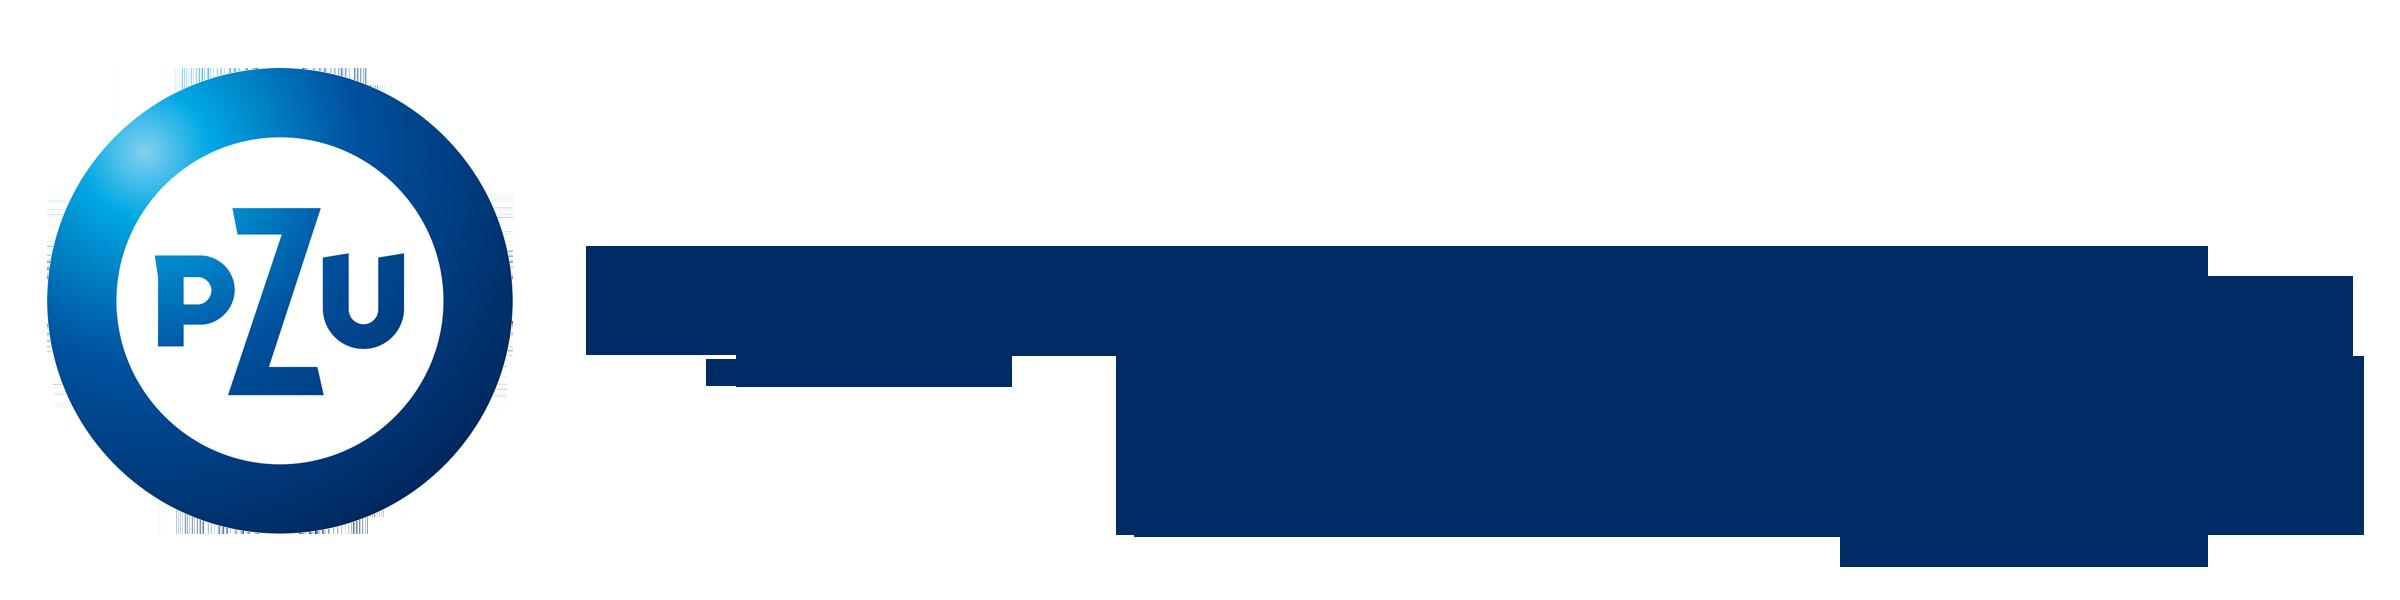 Ubezpieczenia PZU - Dorota Jaguścik